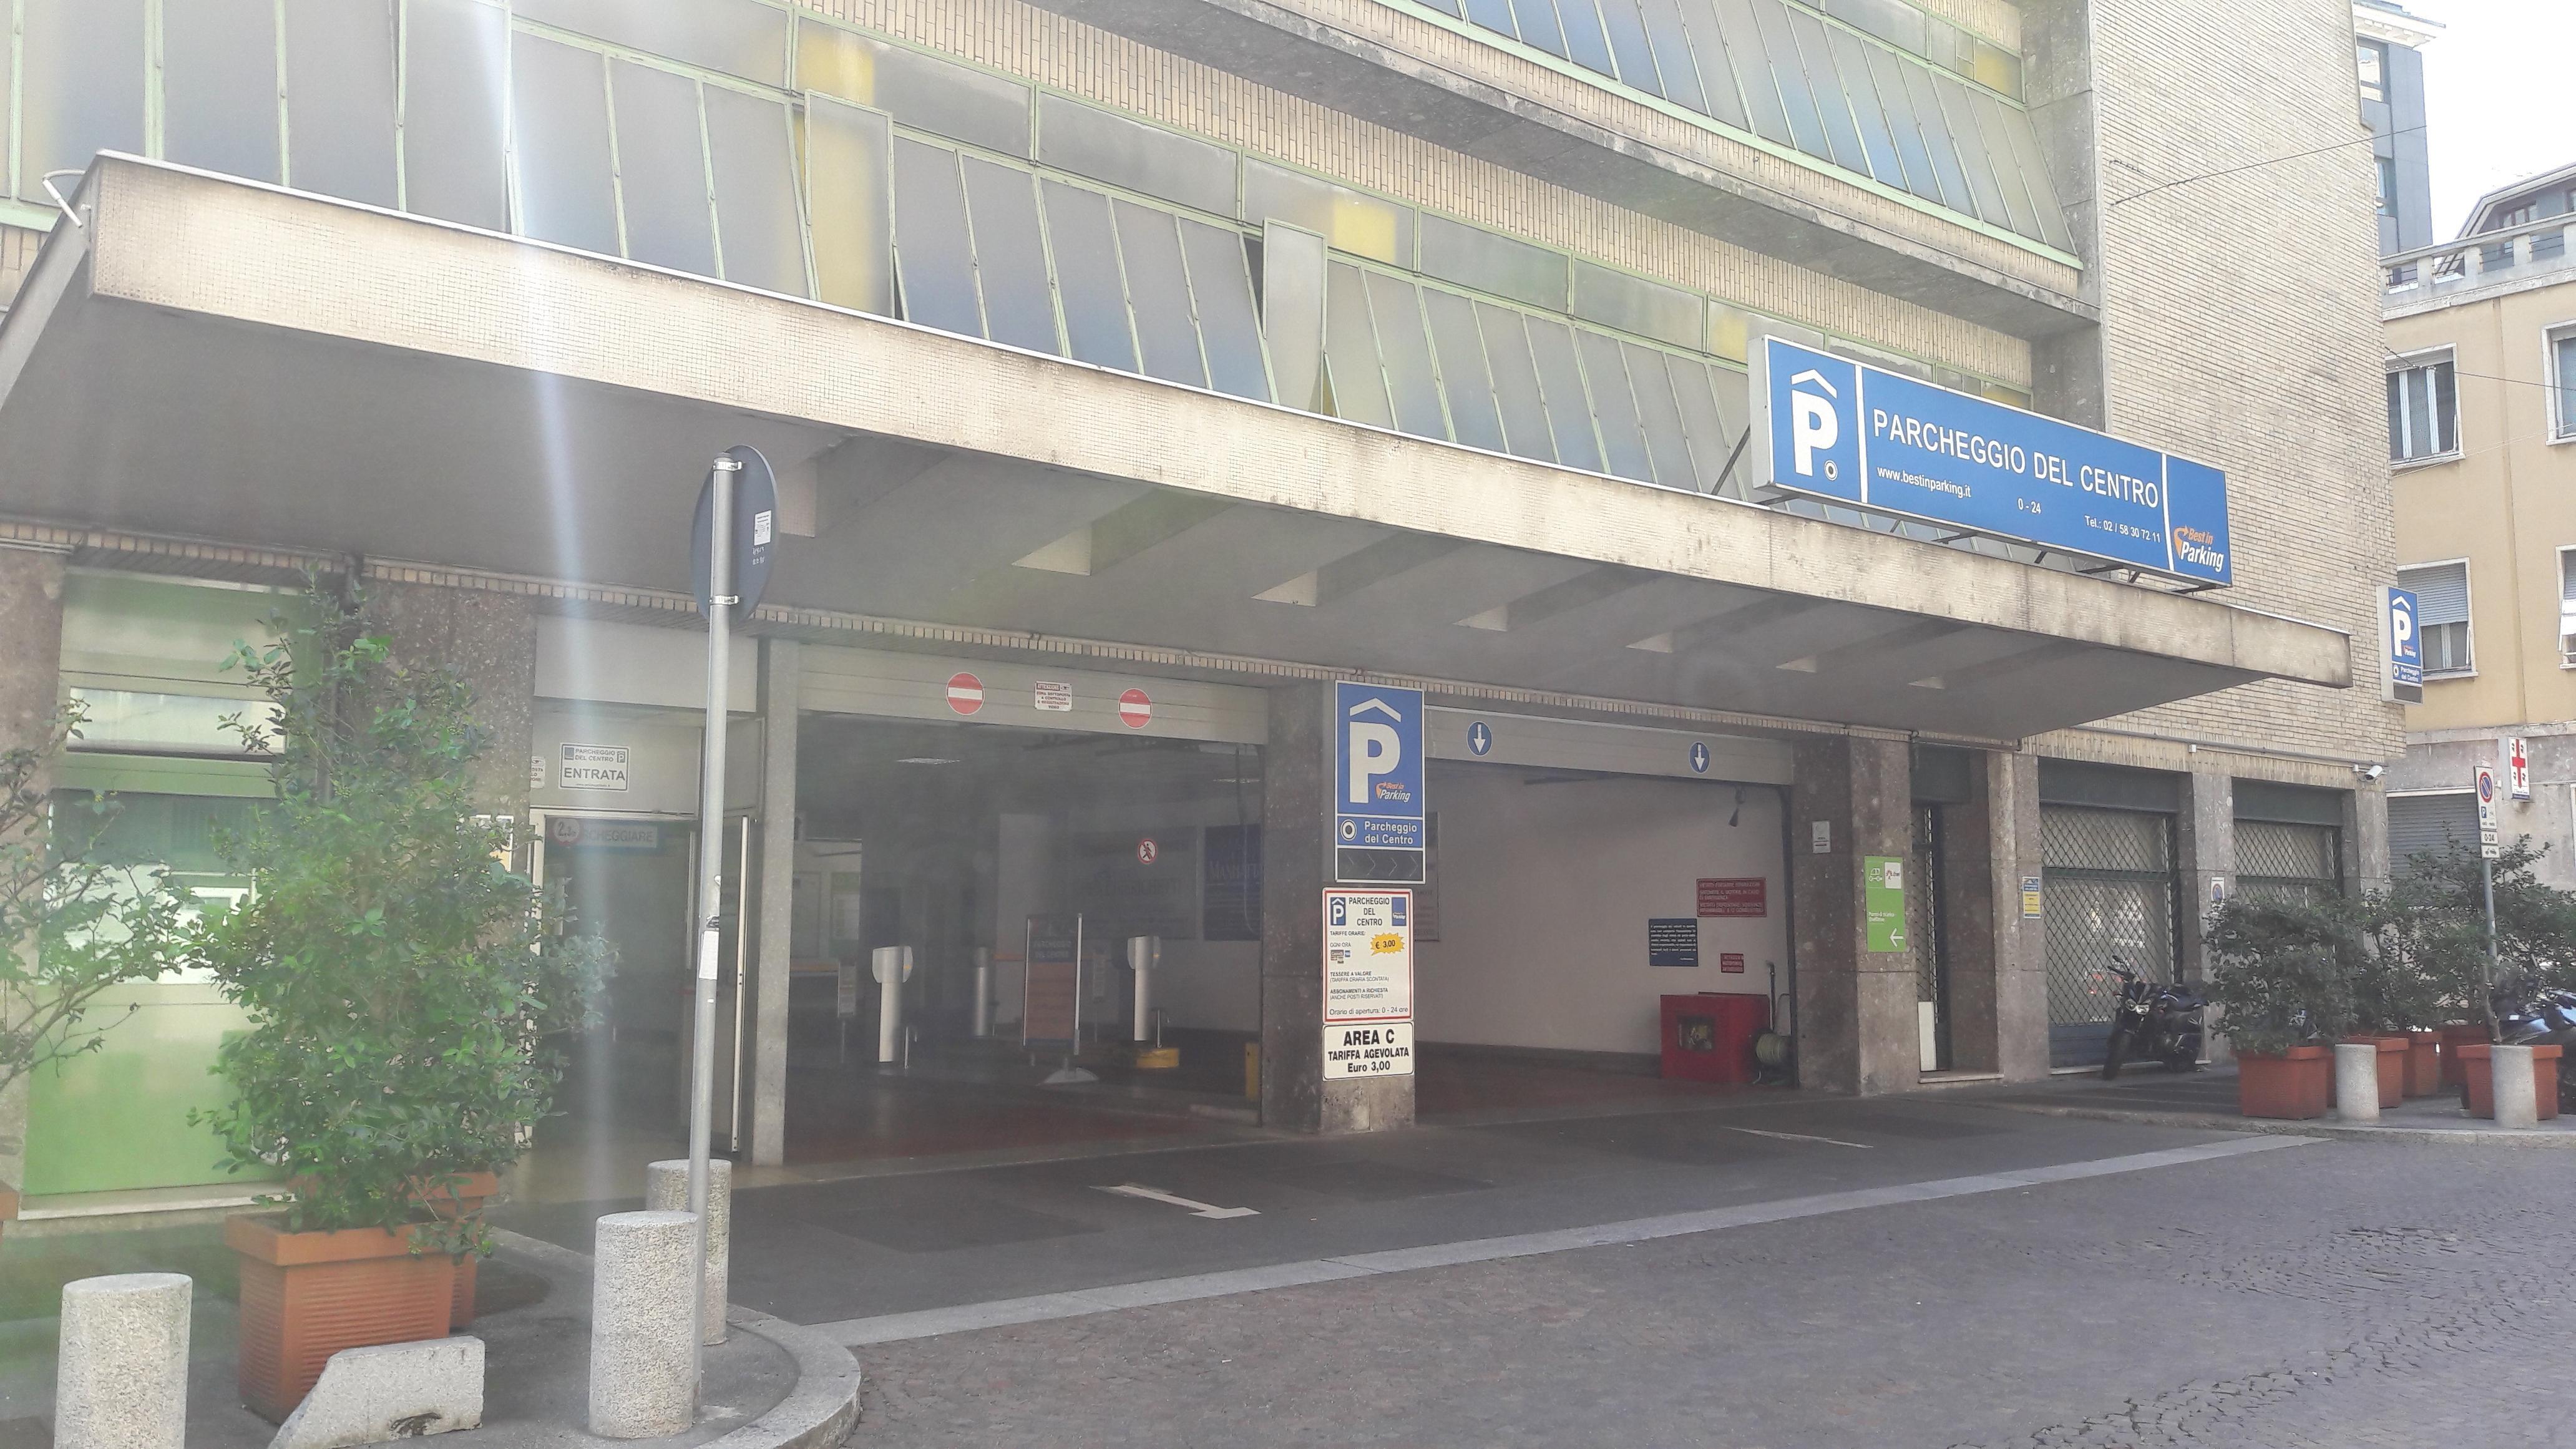 Parcheggio Del Centro Parking In Milano Parkme